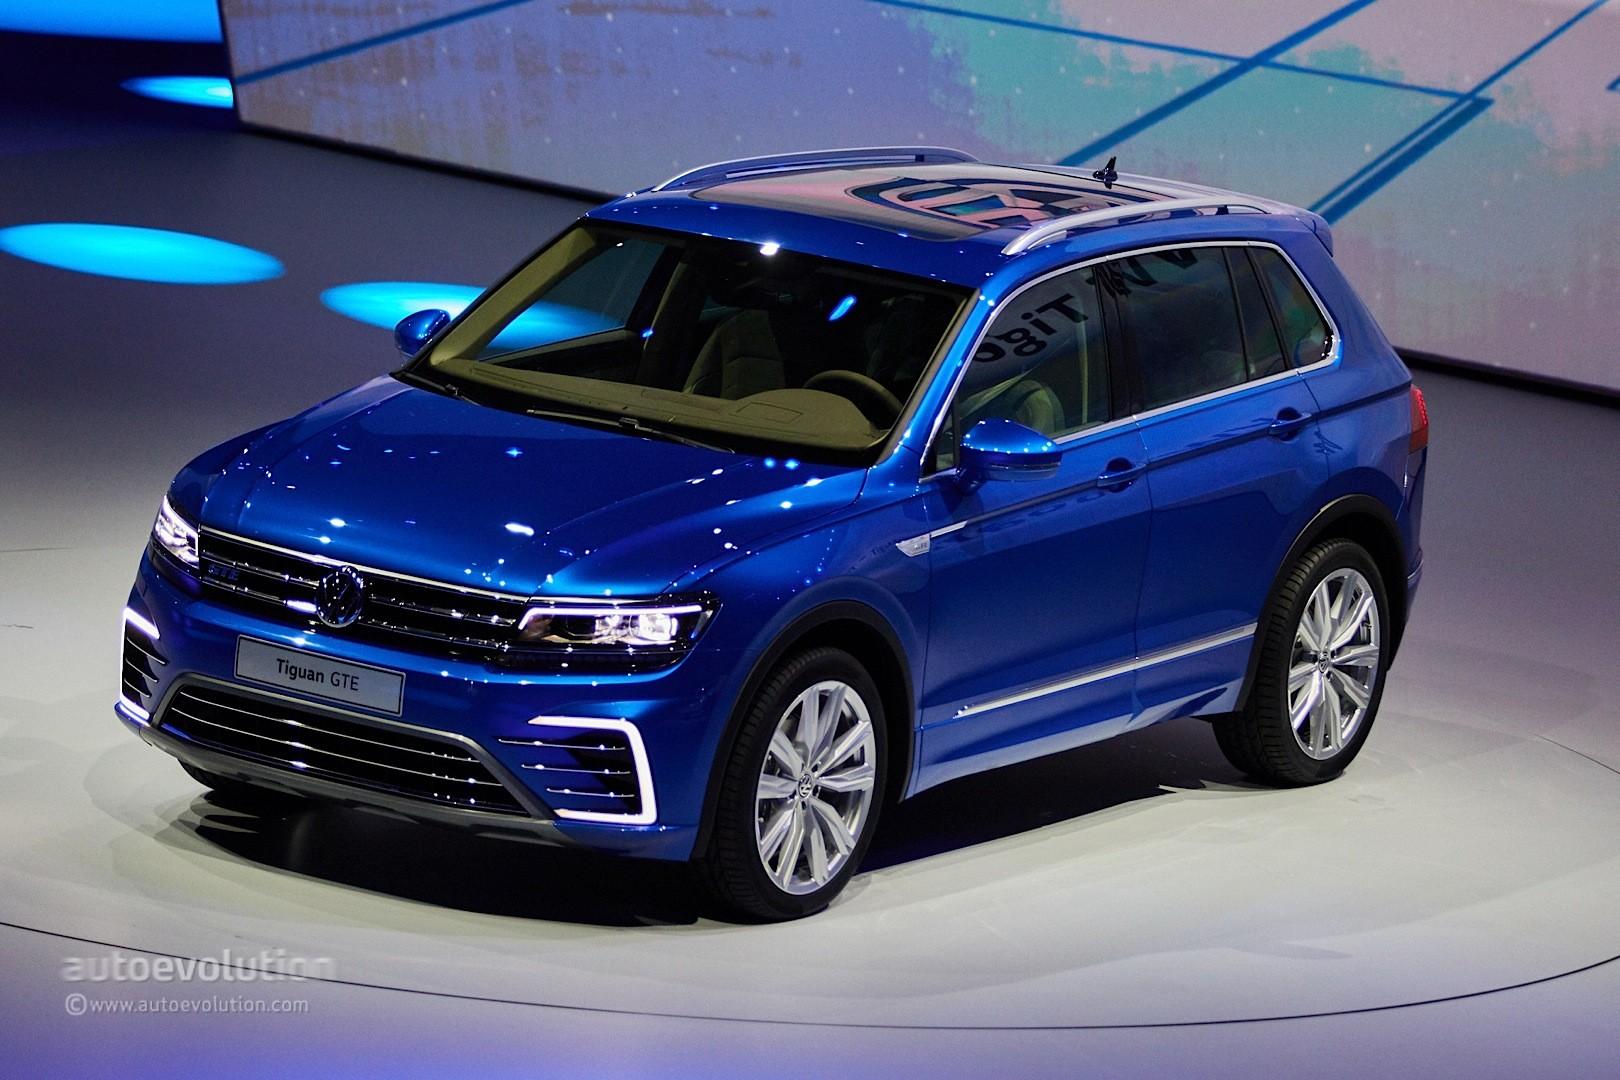 spyshots 2019 volkswagen tiguan gte has tiguan l 430 phev badging rh autoevolution com Volkswagen Passat 2015 Volkswagen Tiguan